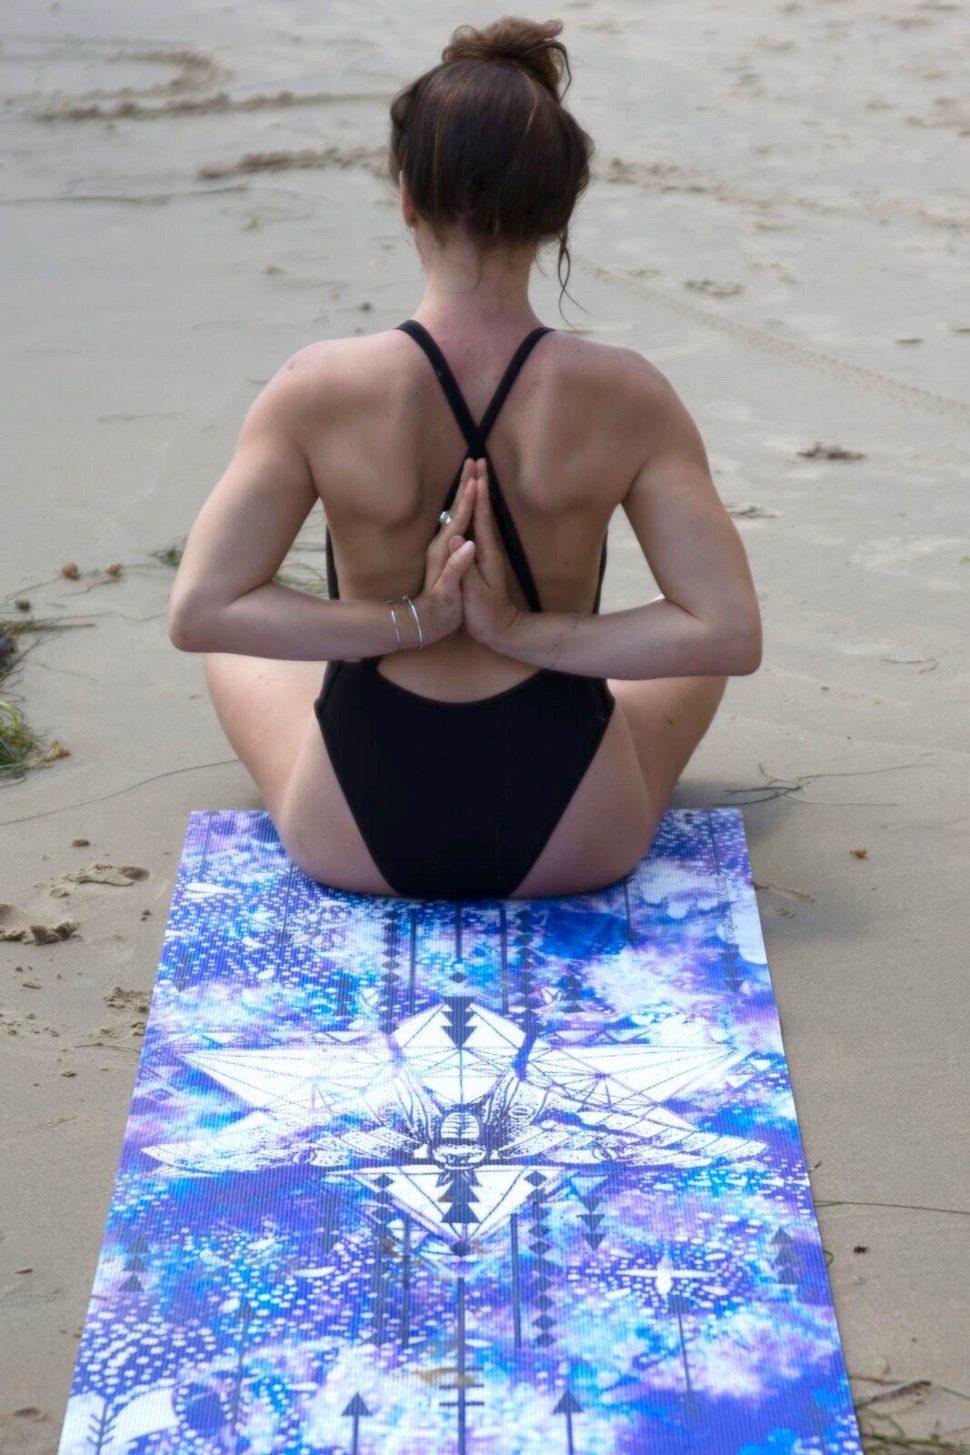 Kvalitní a luxusní jóga podložka s designem posvátné geometrie.